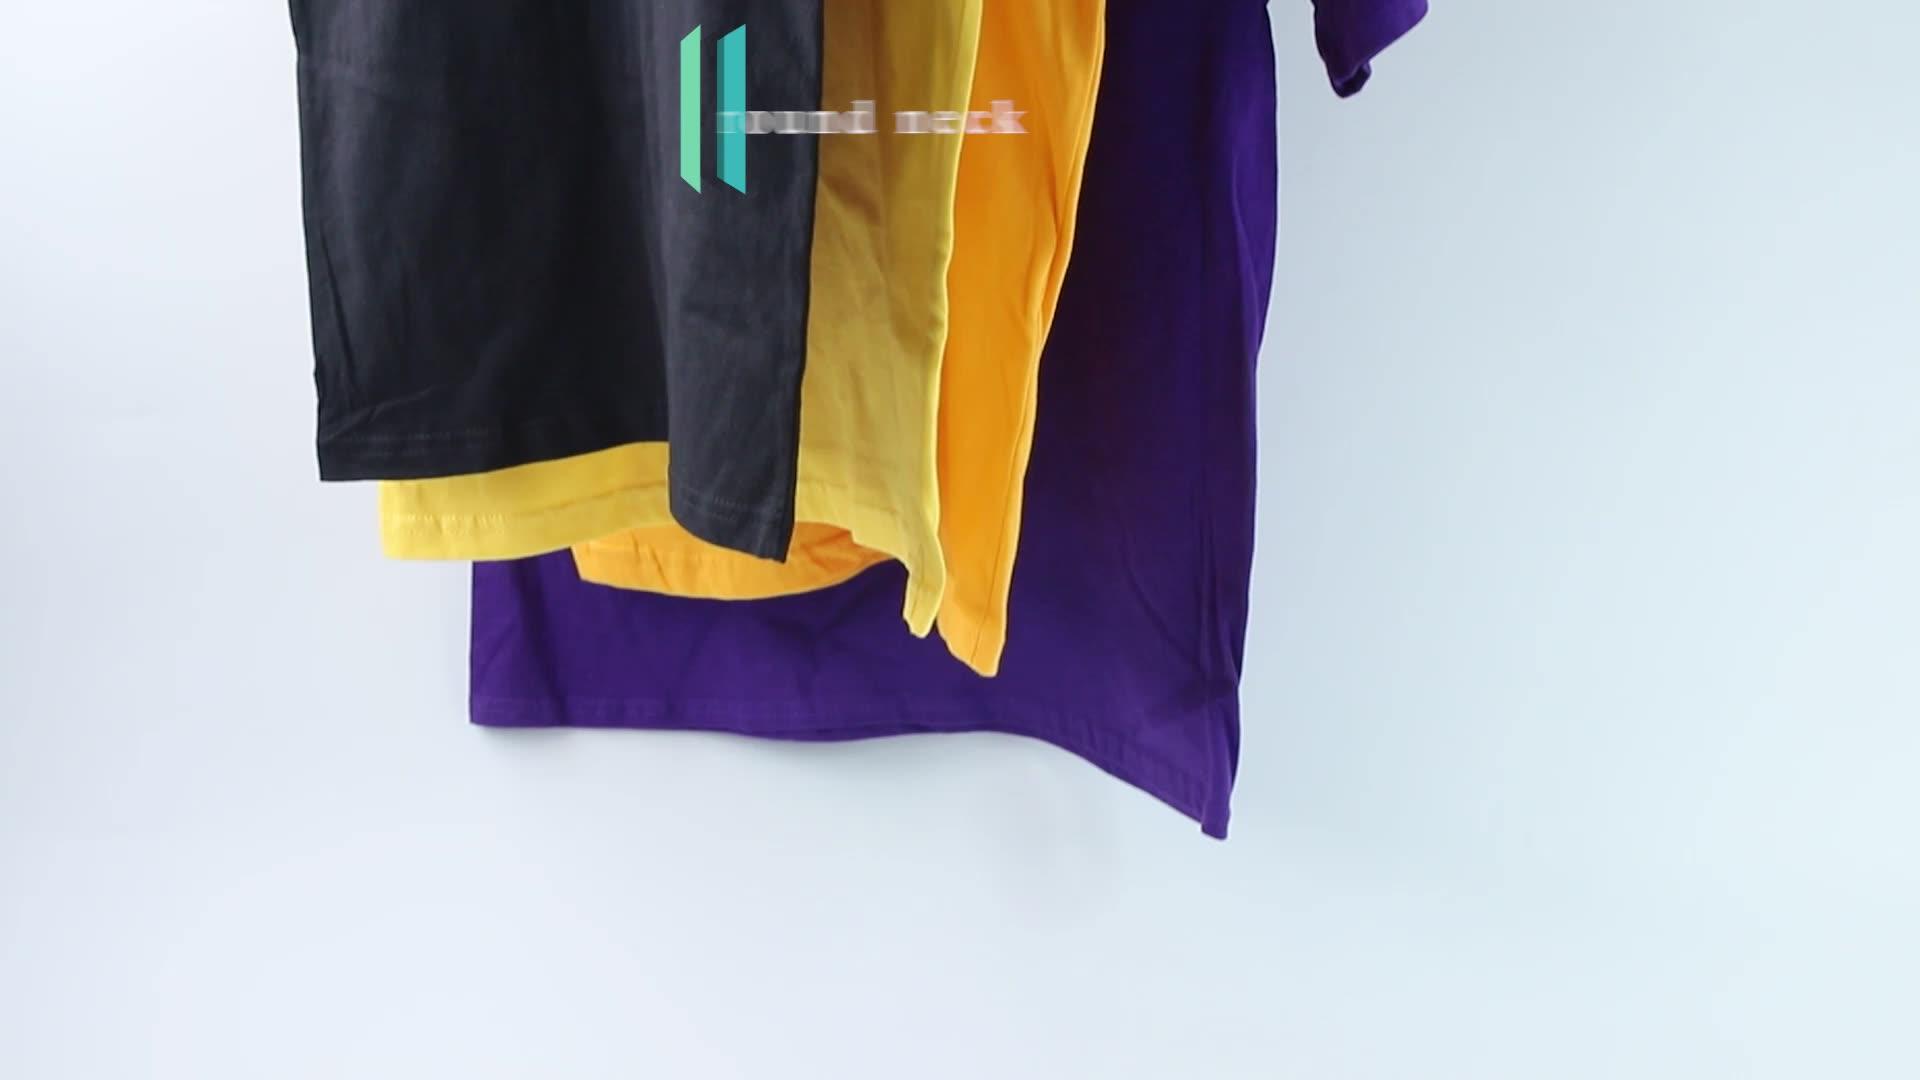 โลโก้ของคุณเองบนเสื้อยืดสีขาวผ้าฝ้าย100% Tเสื้อTที่กำหนดเองพิมพ์เสื้อTโลโก้ที่กำหนดเองหน้าจอพิมพ์สำหรับการออกแบบ